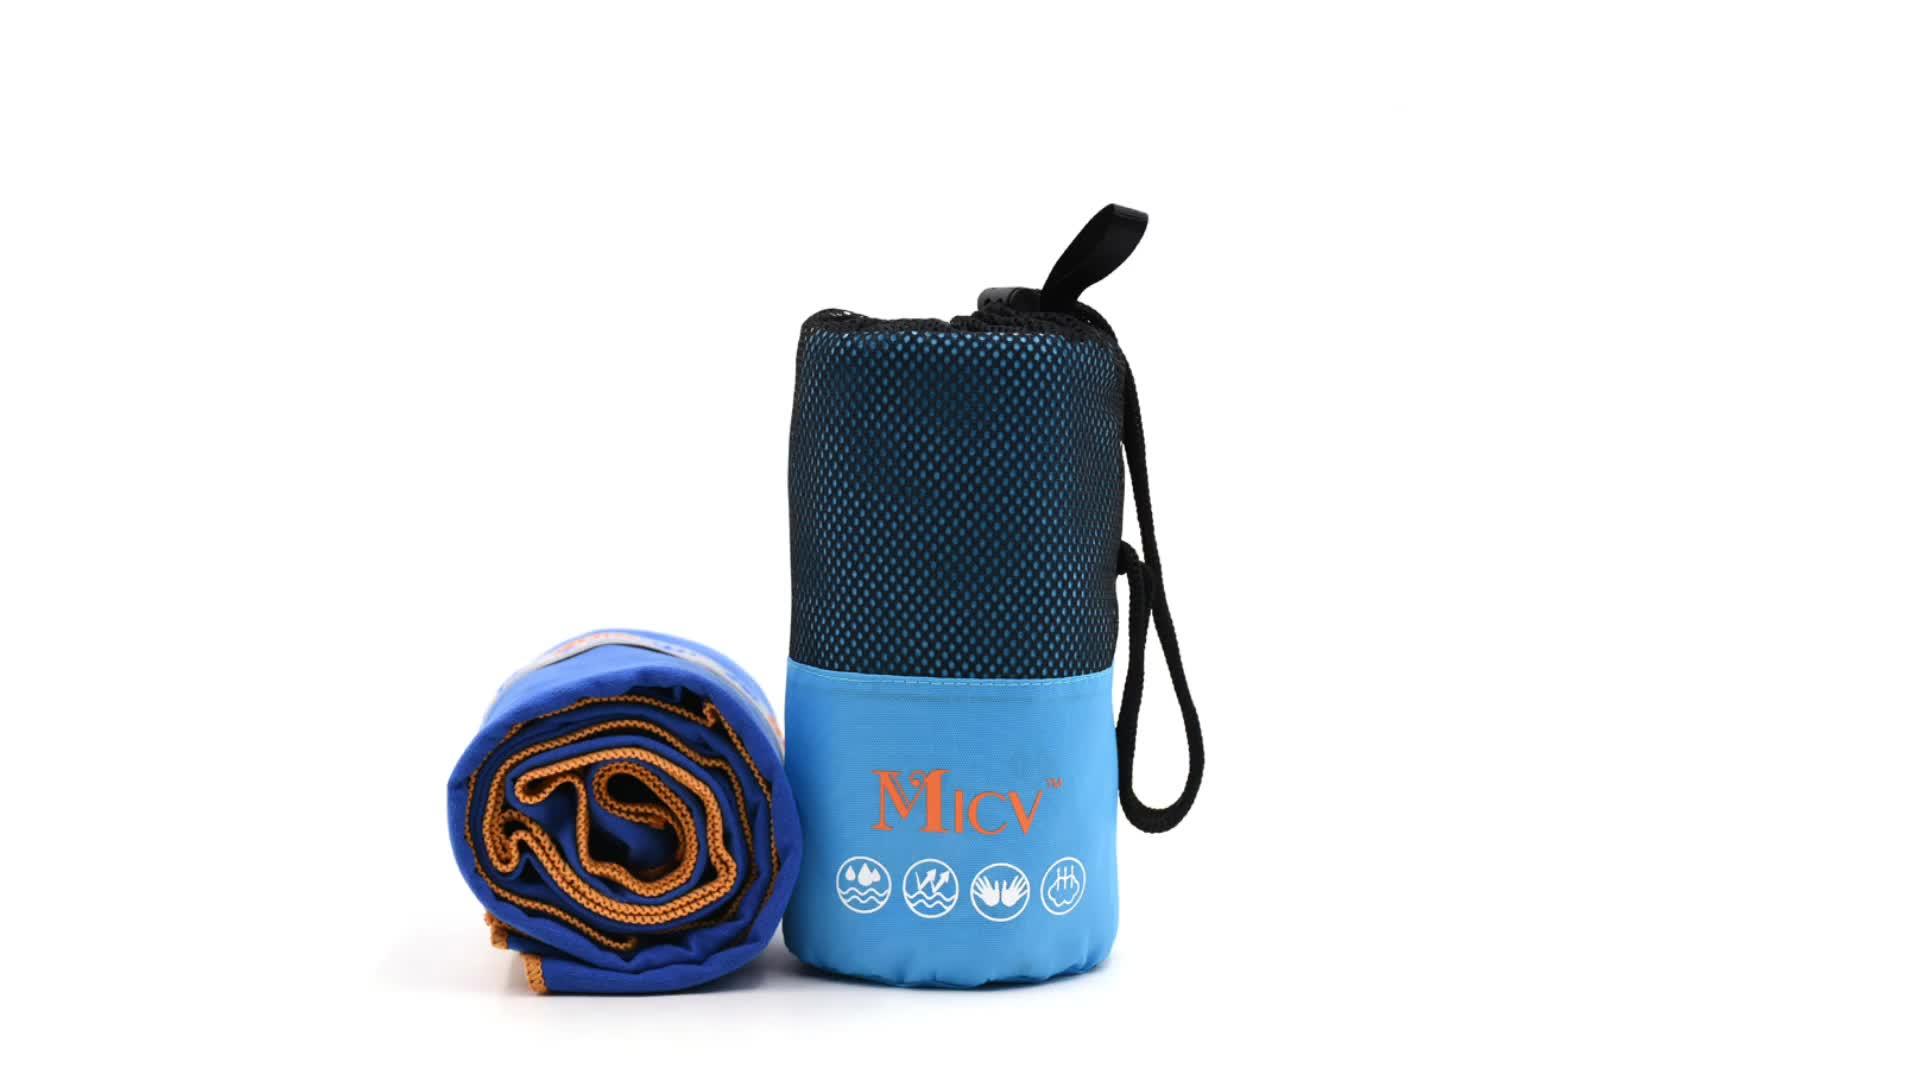 Premium-Mikrofaser-Yogamatte mit aufgesetztem Private Label-Handtuch